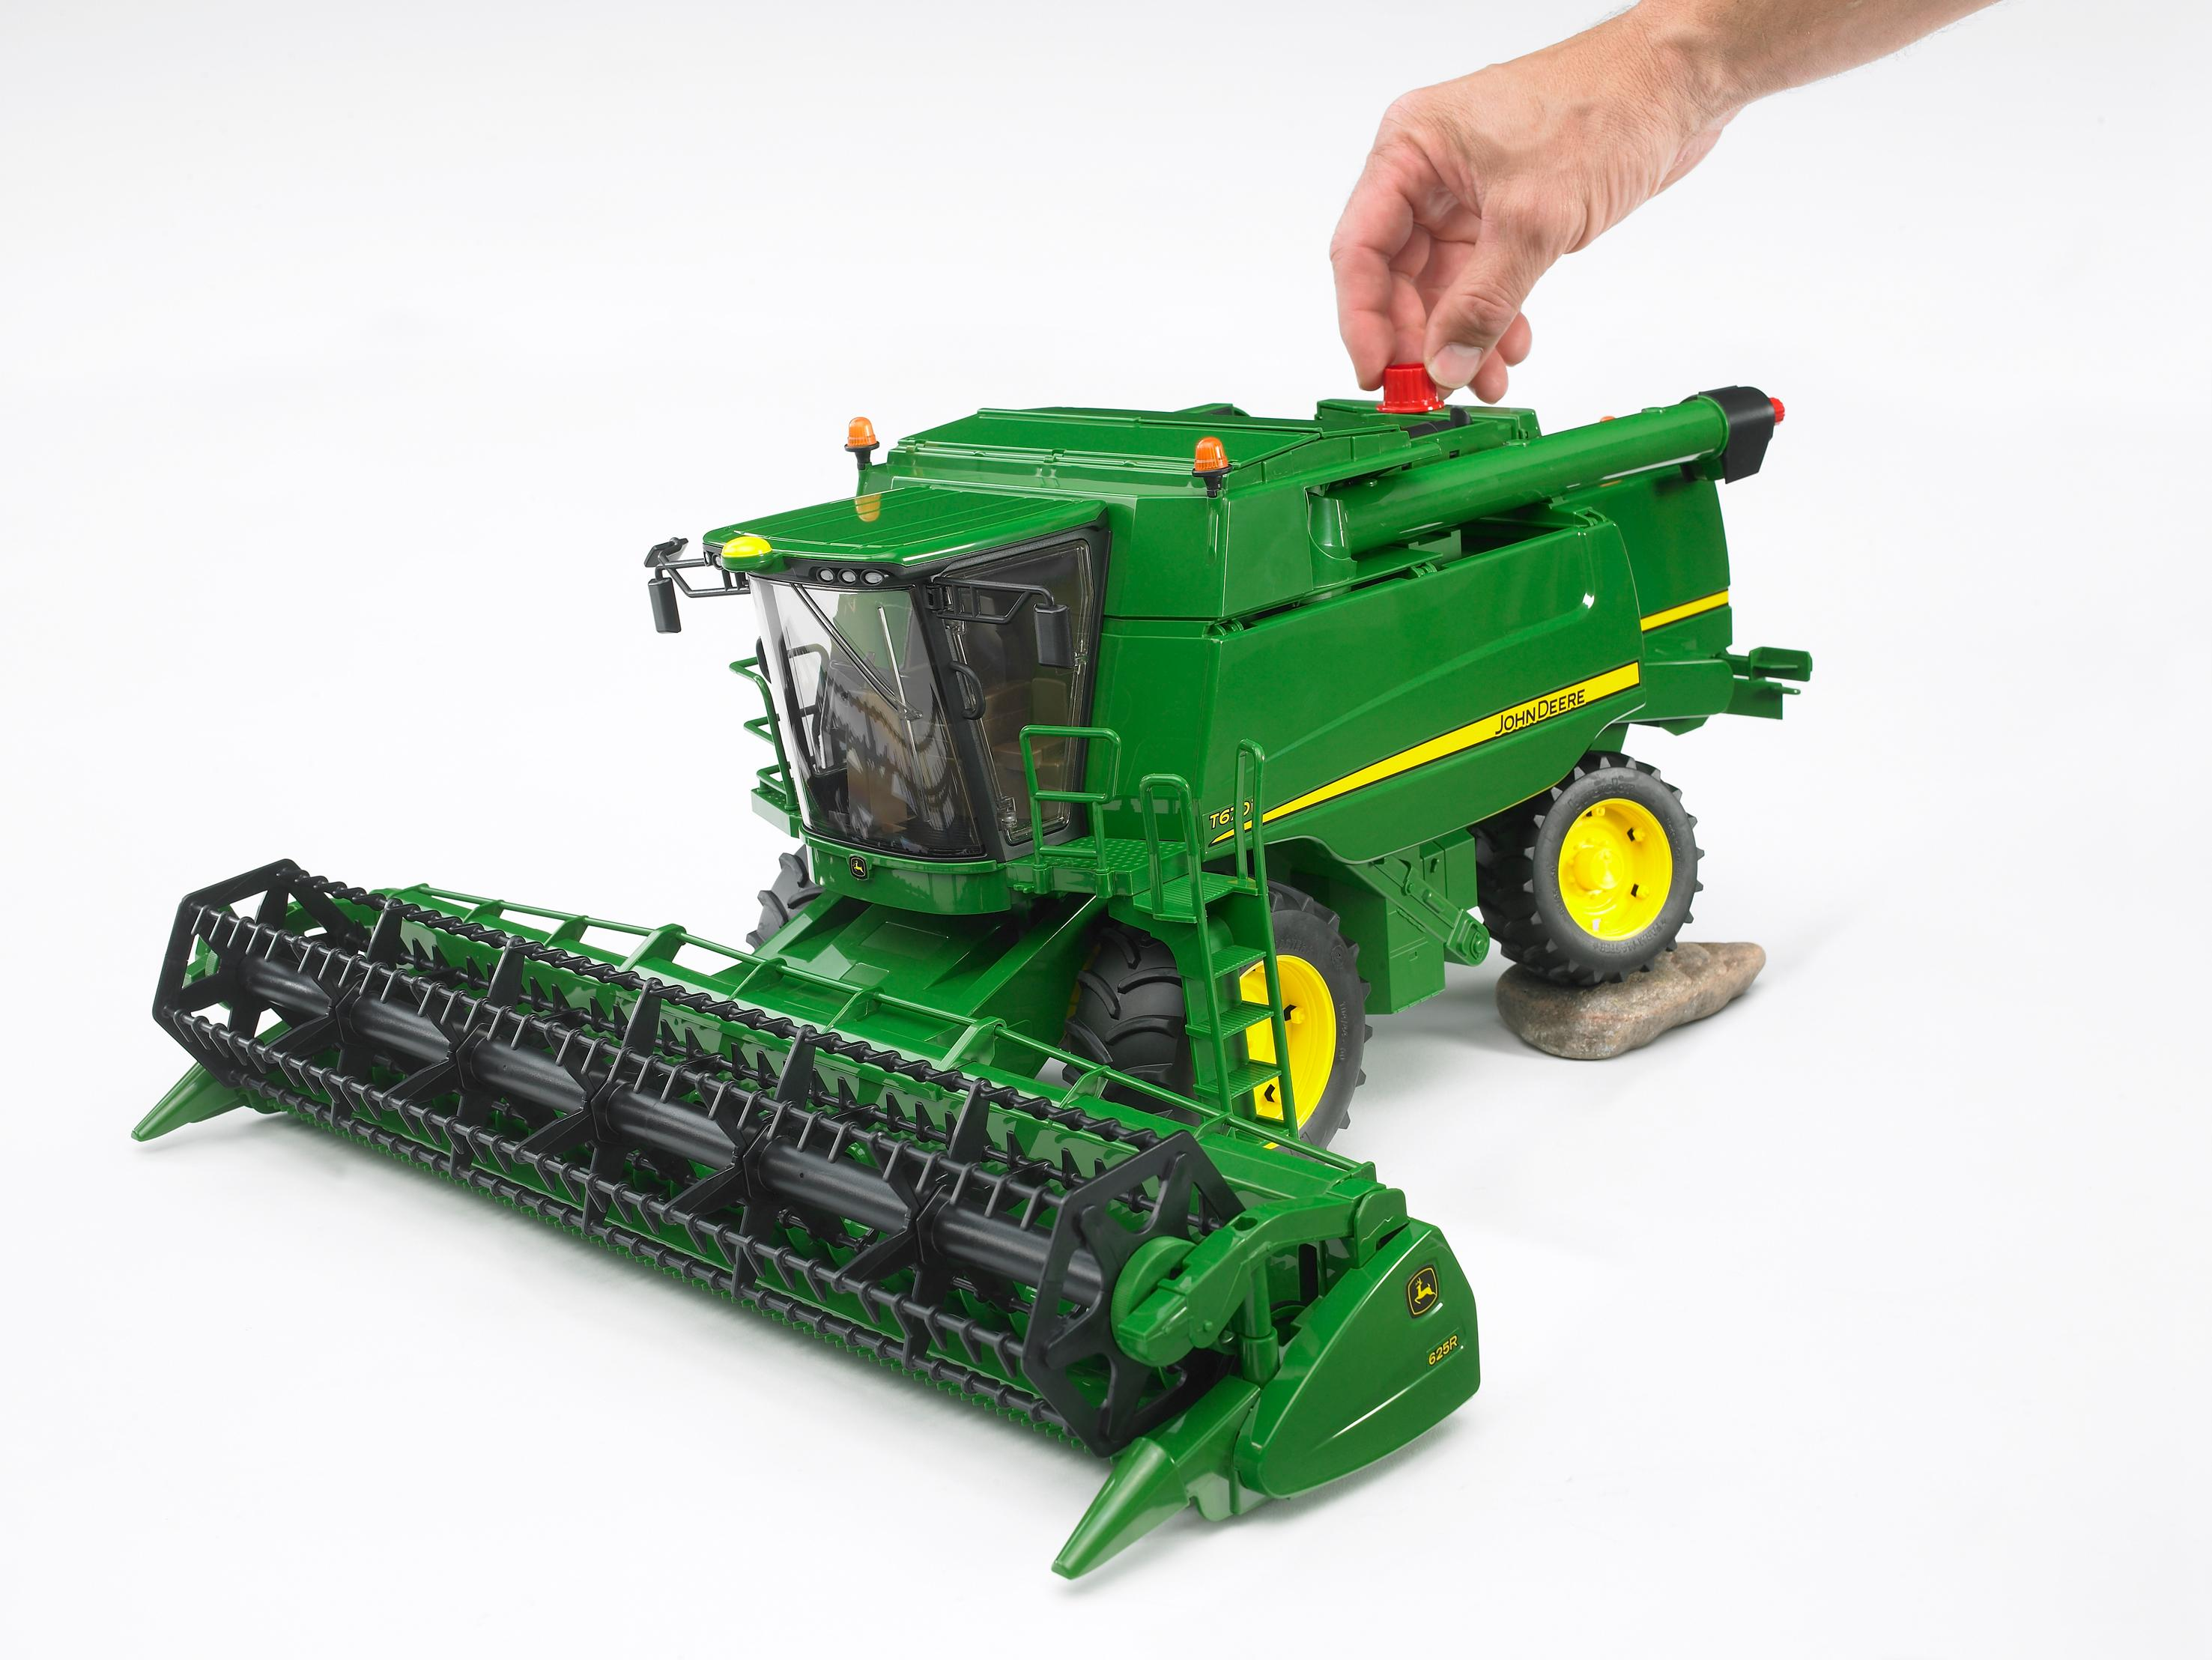 John Deere Combine >> Amazon Com Bruder John Deere T670i Combine Harvester Toys Games